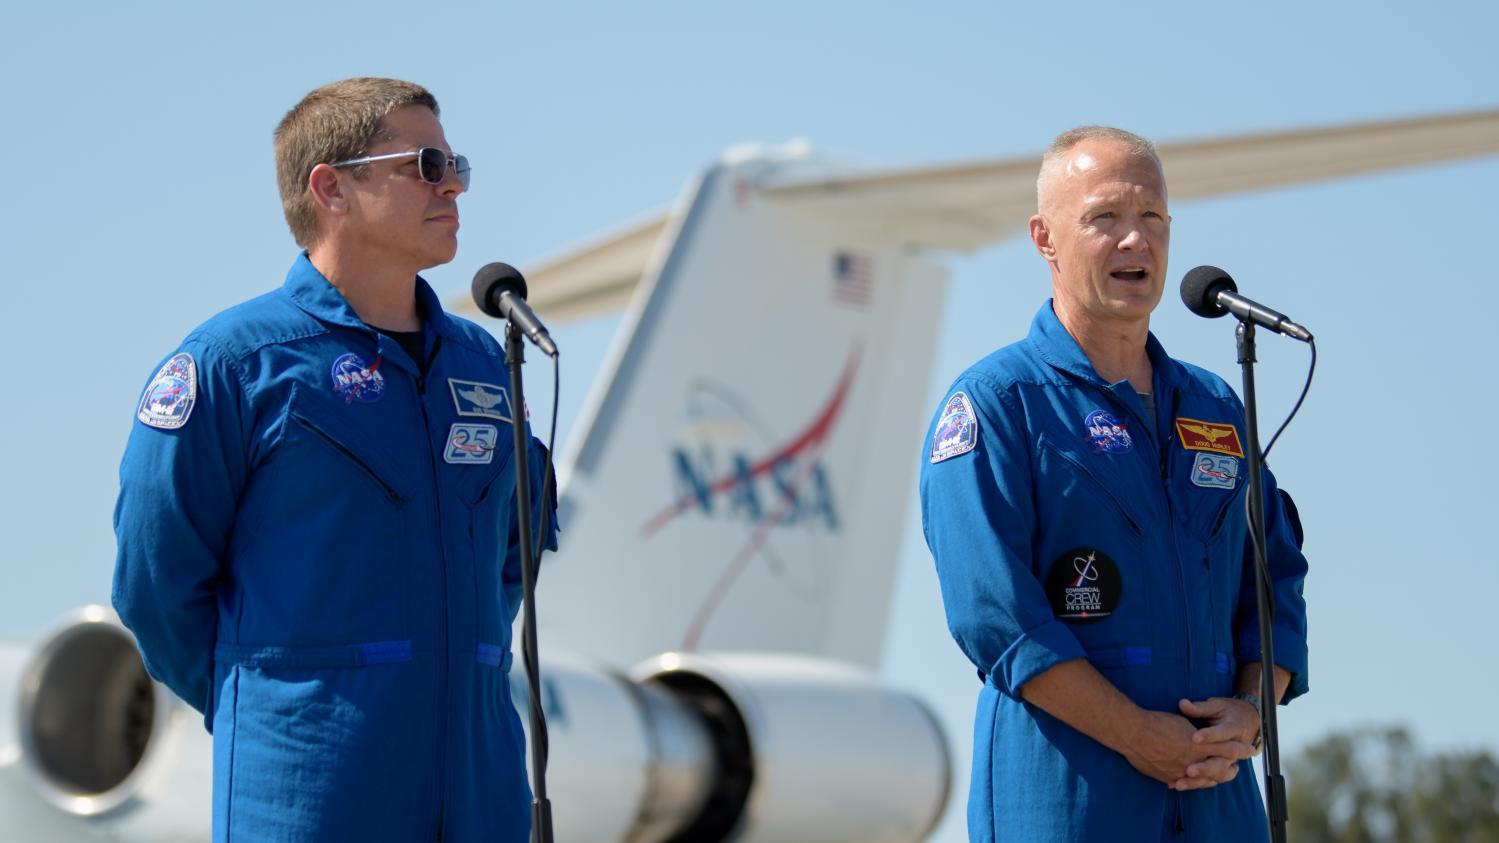 Le premier vol habité de la navette américaine SpaceX aura lieu mercredi